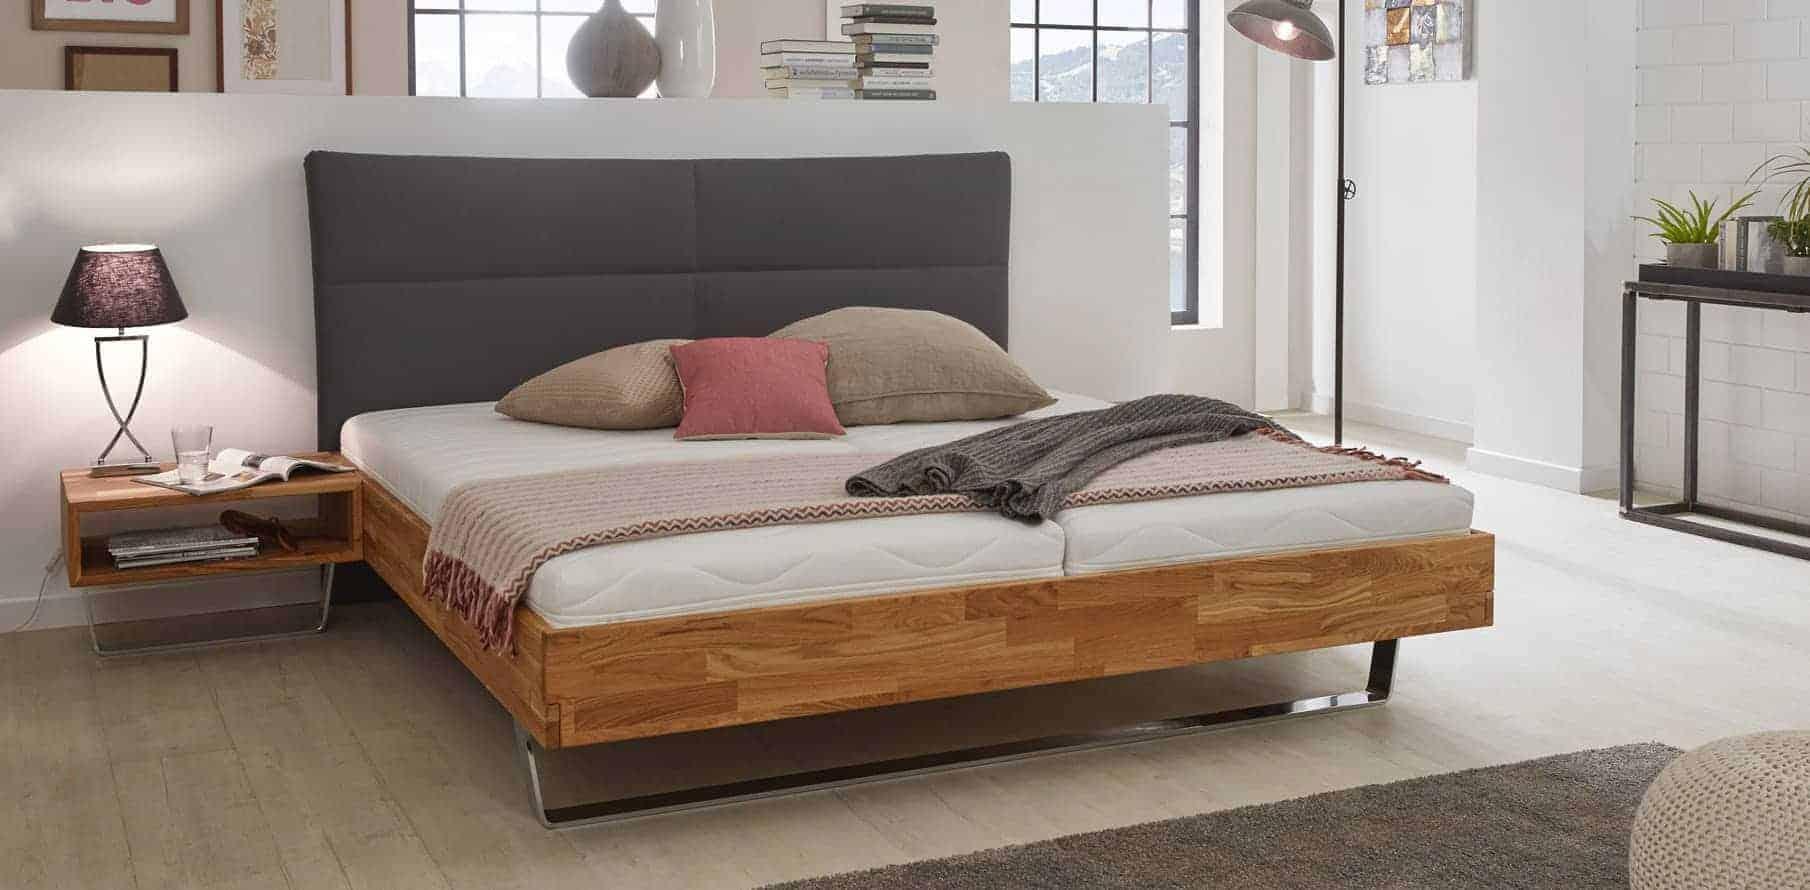 Full Size of Französische Betten Kategorie Franzsische Topsofa24 Für übergewichtige Ruf Fabrikverkauf Kaufen 140x200 Preise Günstig Breckle Weiß Weiße Schöne Bett Französische Betten